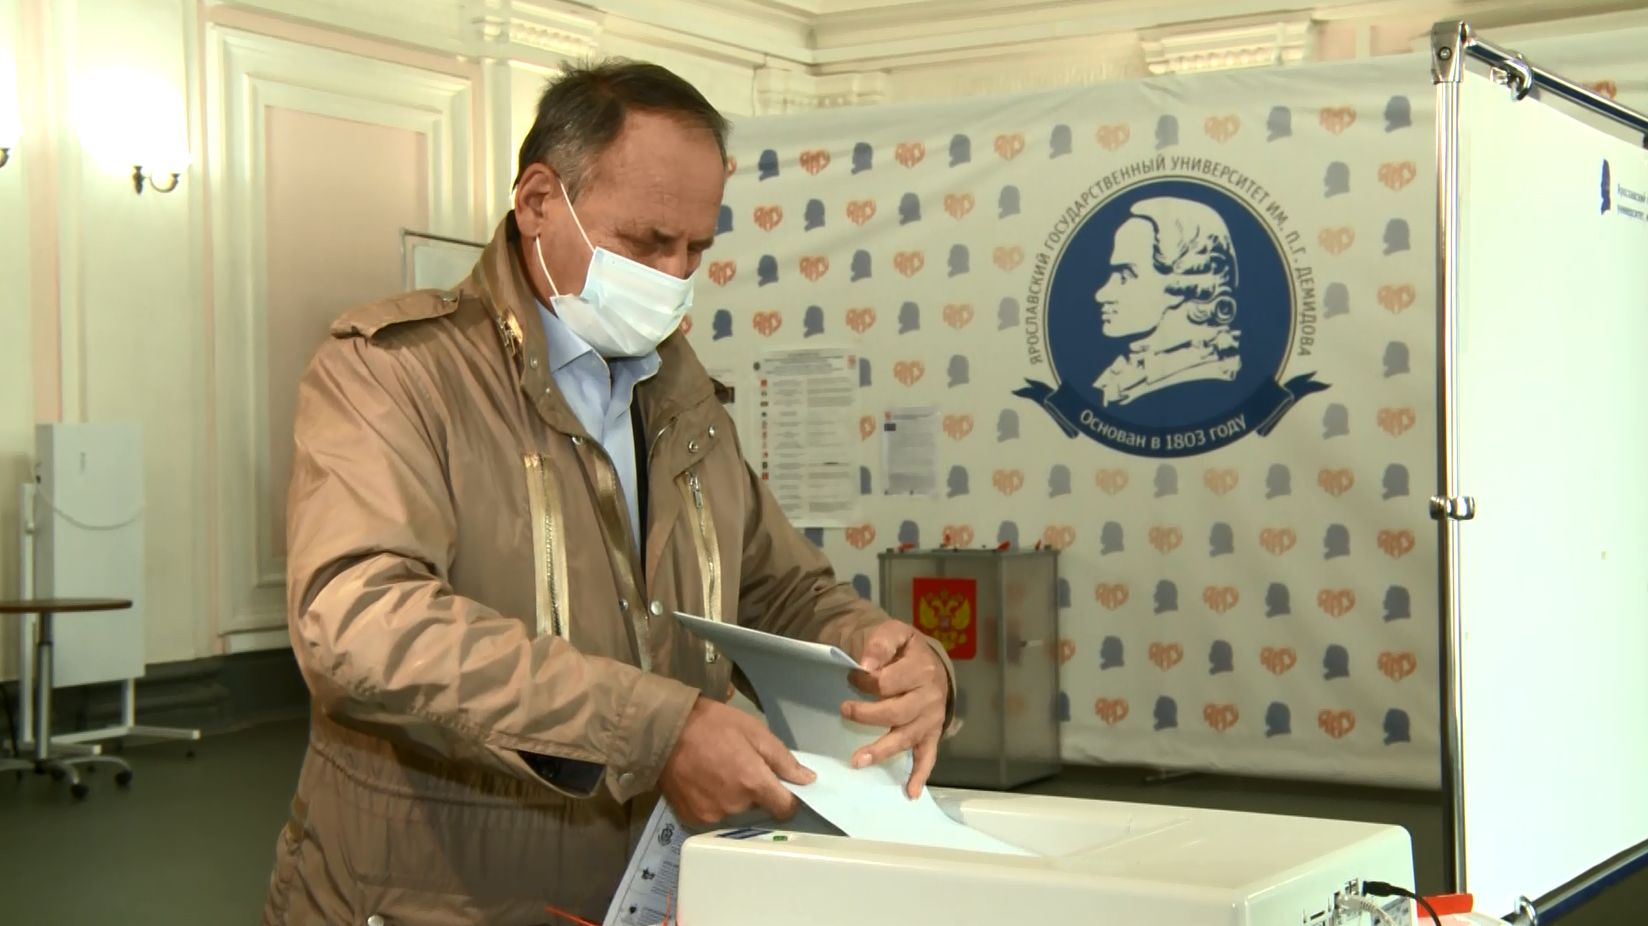 Председатель Областной Думы Михаил Боровицкий: каждый гражданин обязан реализовать право выбора